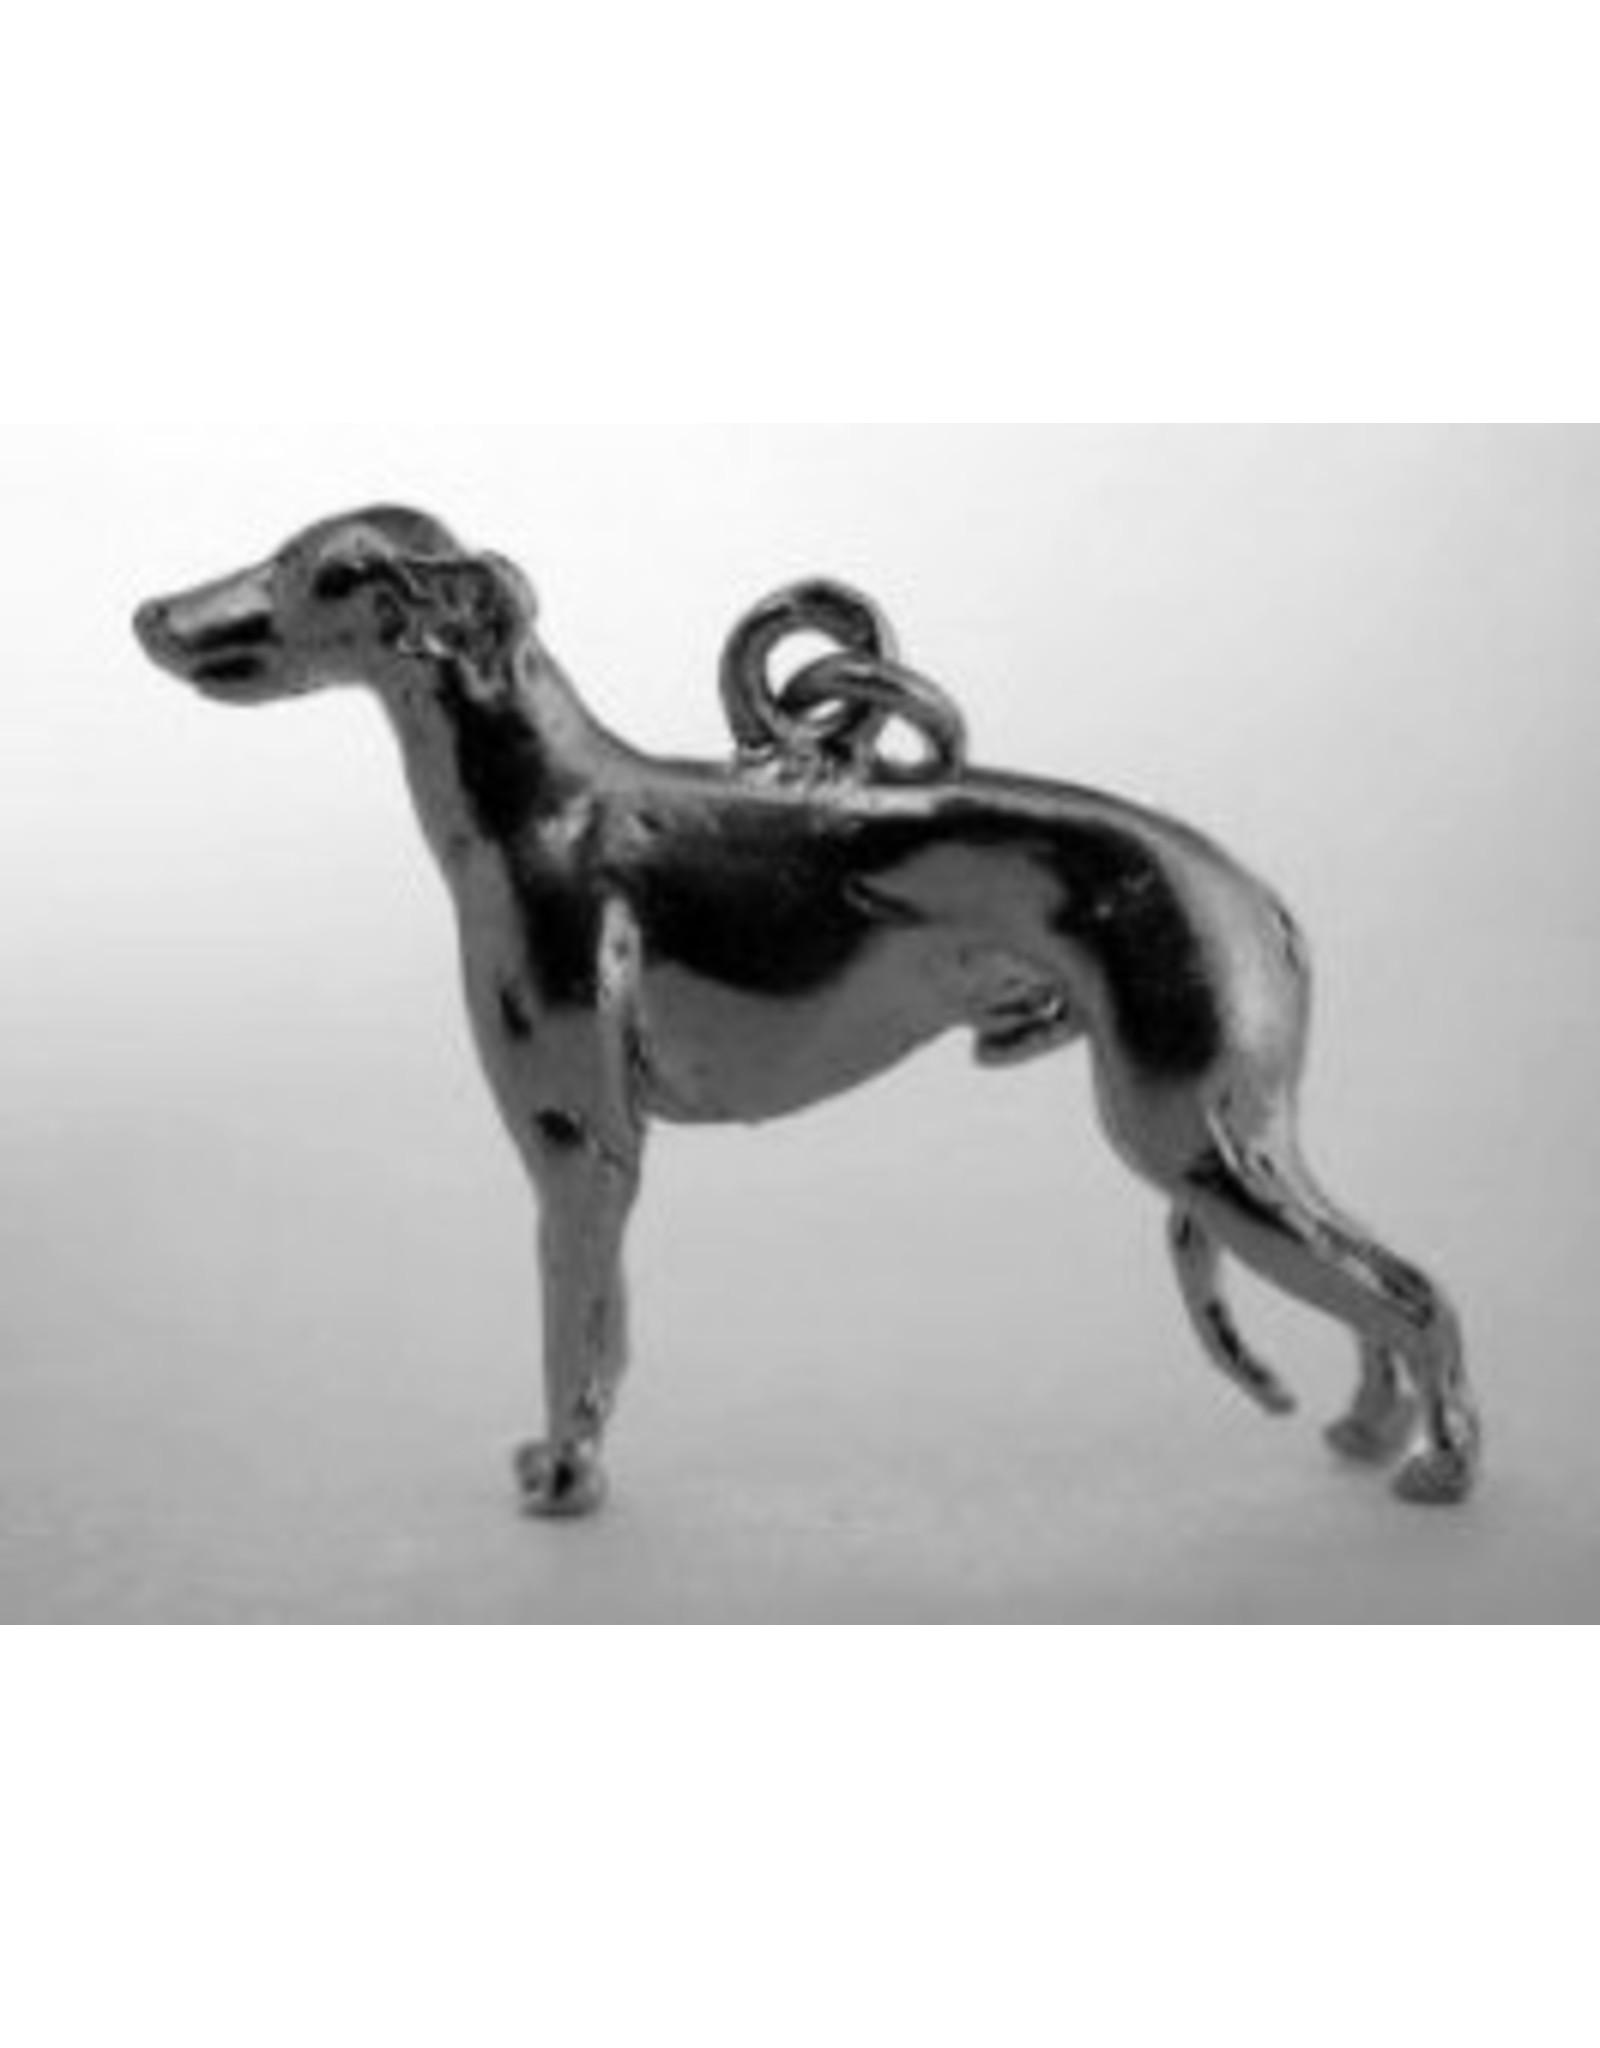 Handmade by Hanneke Weigel Sterling silver Galgo espanol